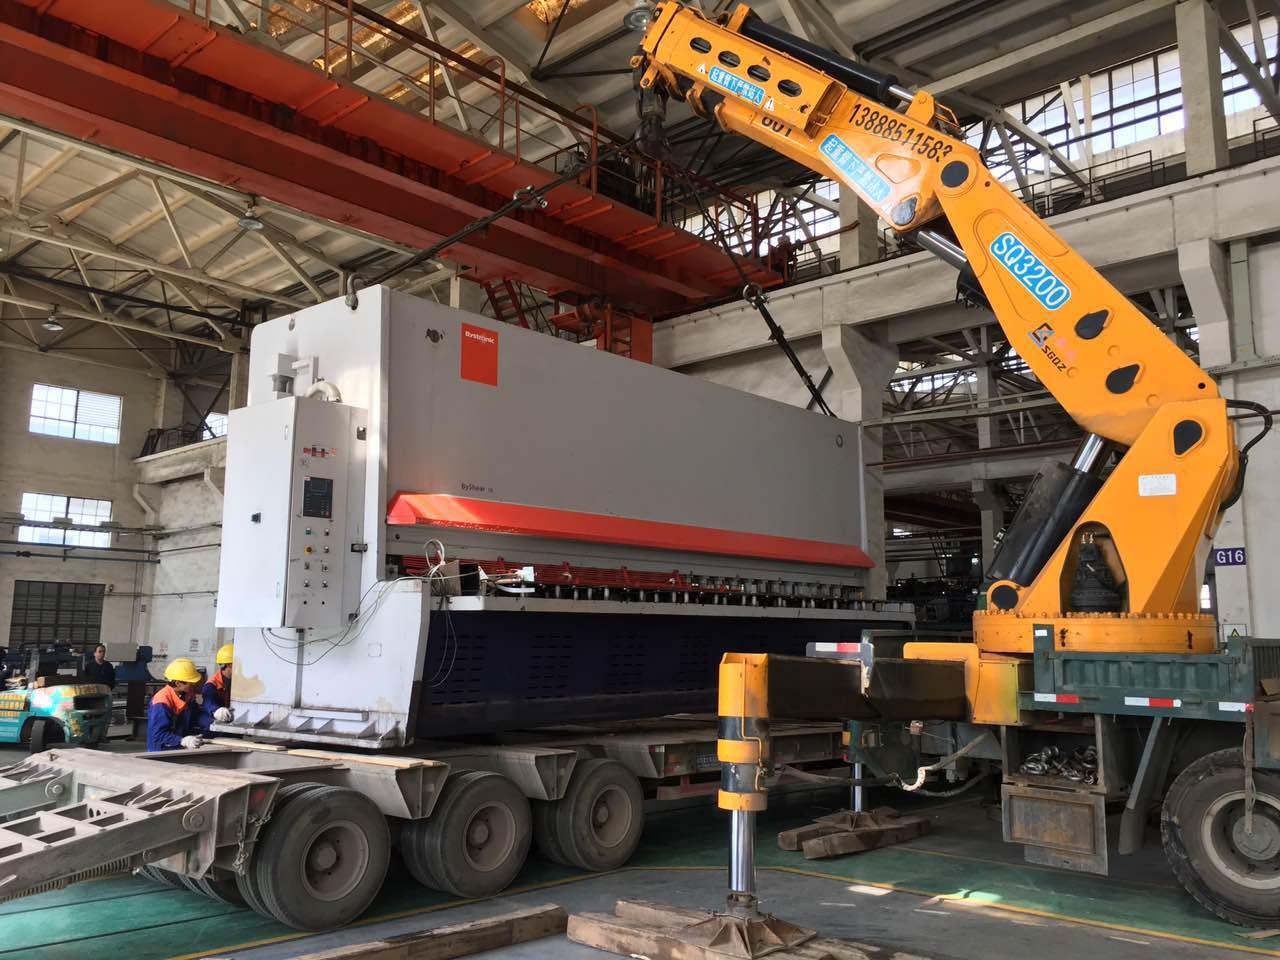 大型机械搬运中安全带的作用不容忽视